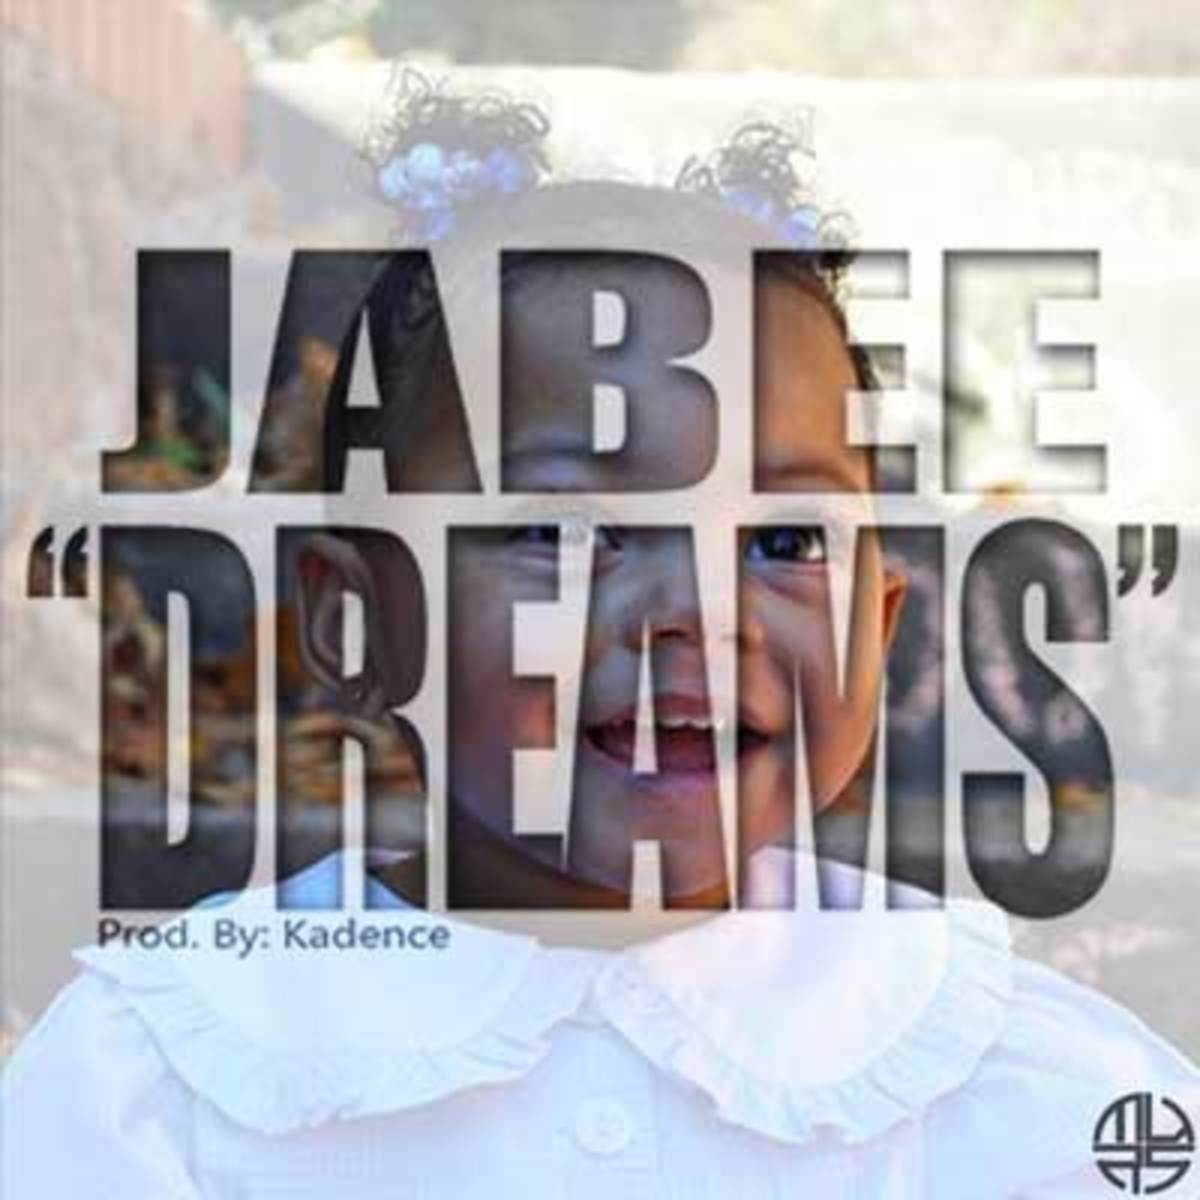 jabee-dreams.jpg